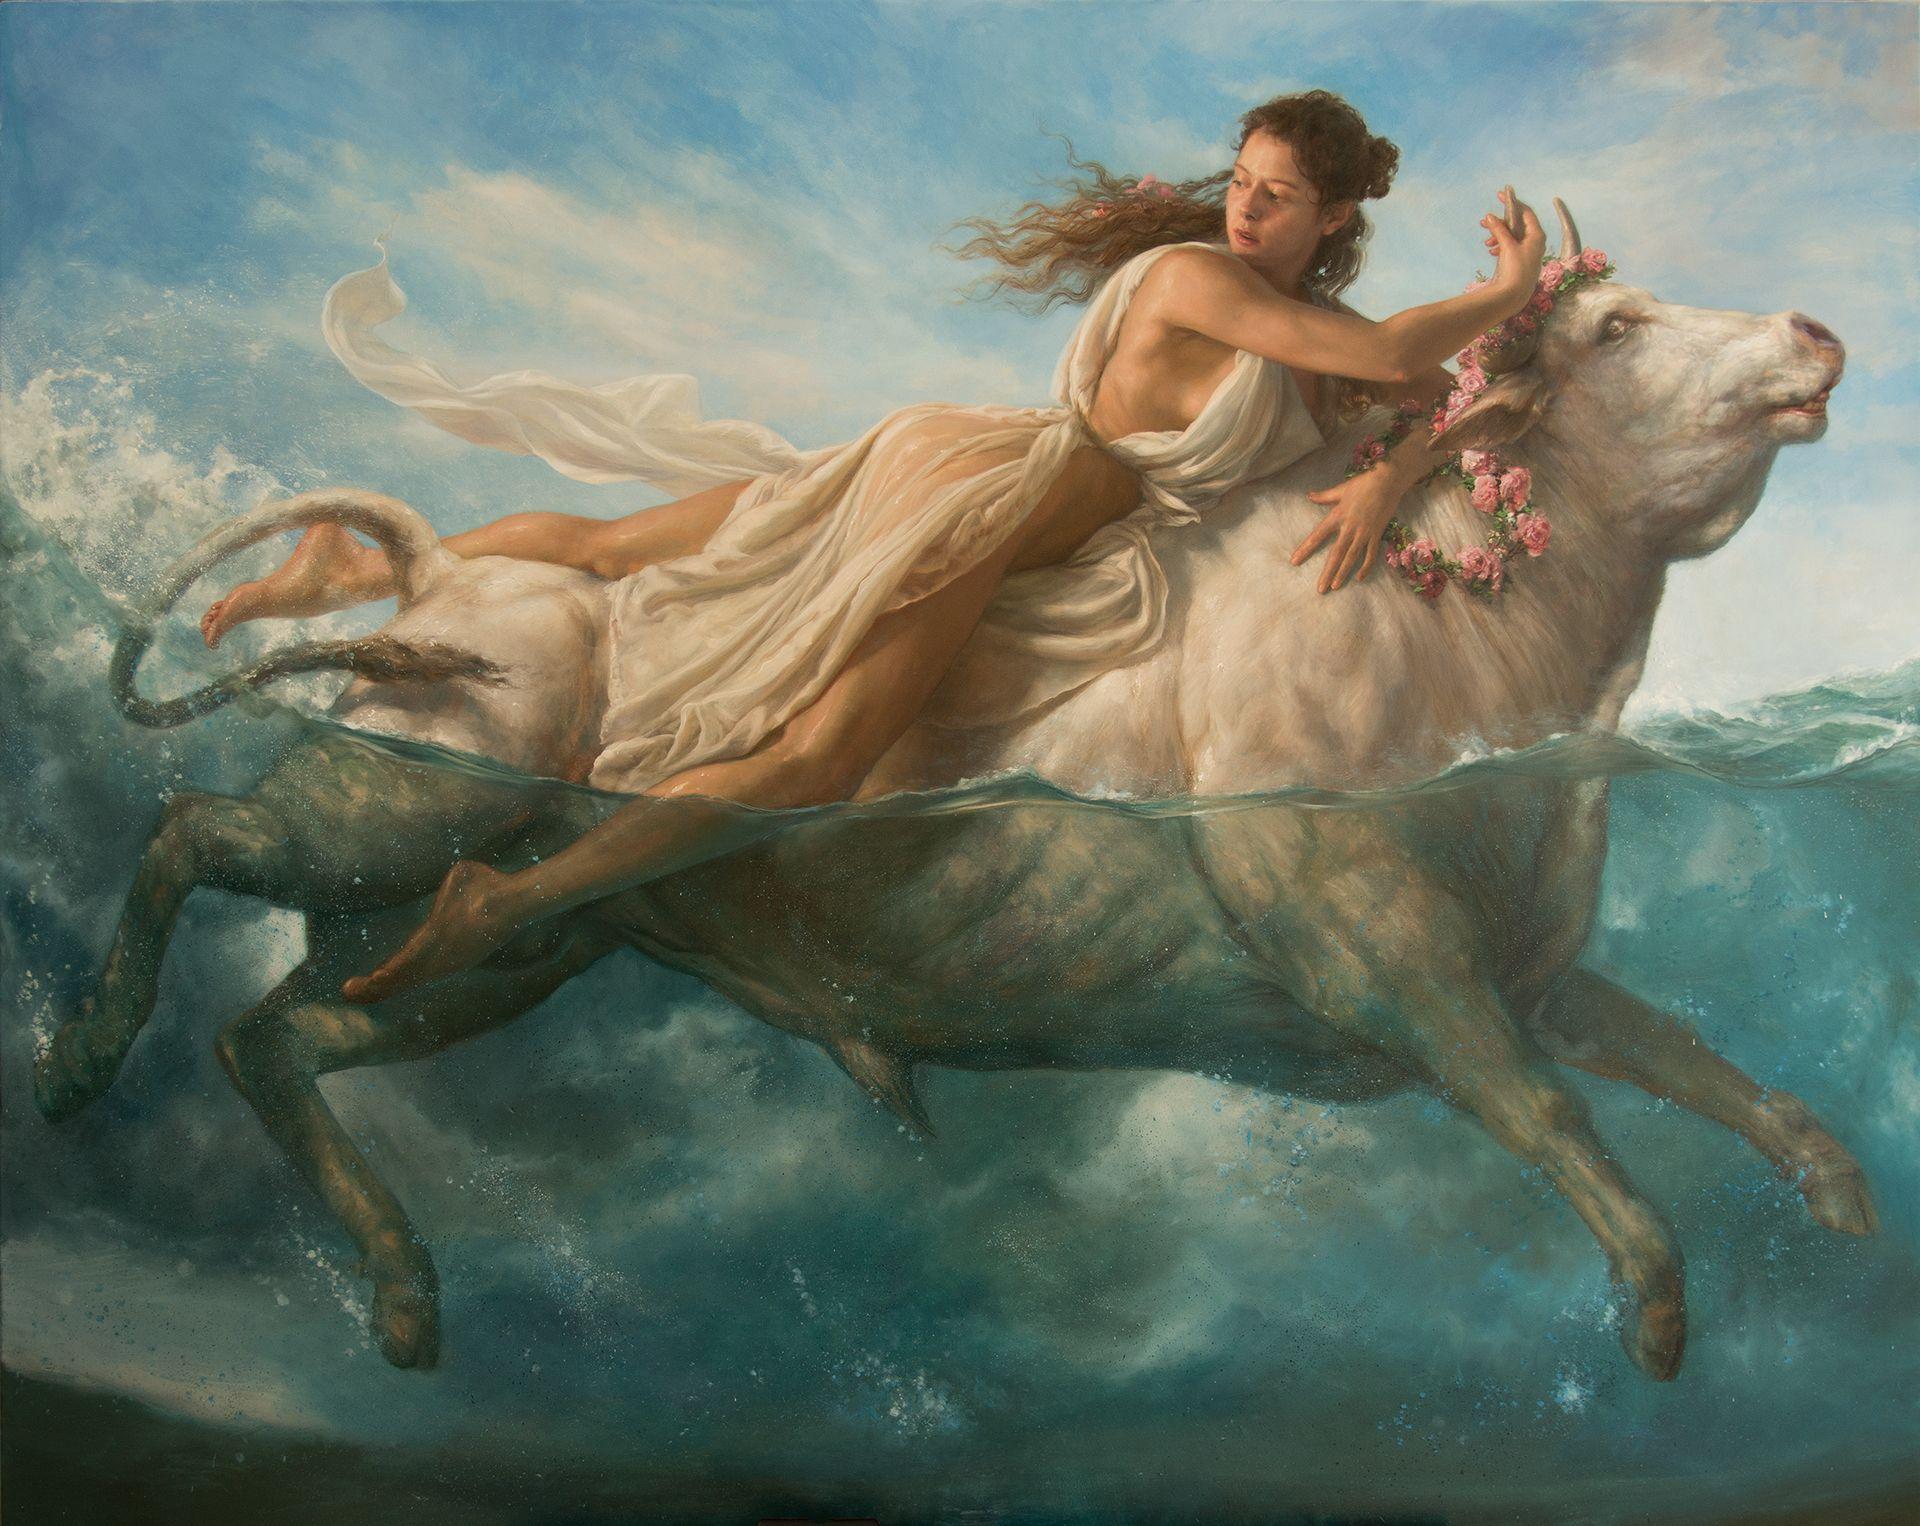 Cármen Calon: Somos todos taurinos